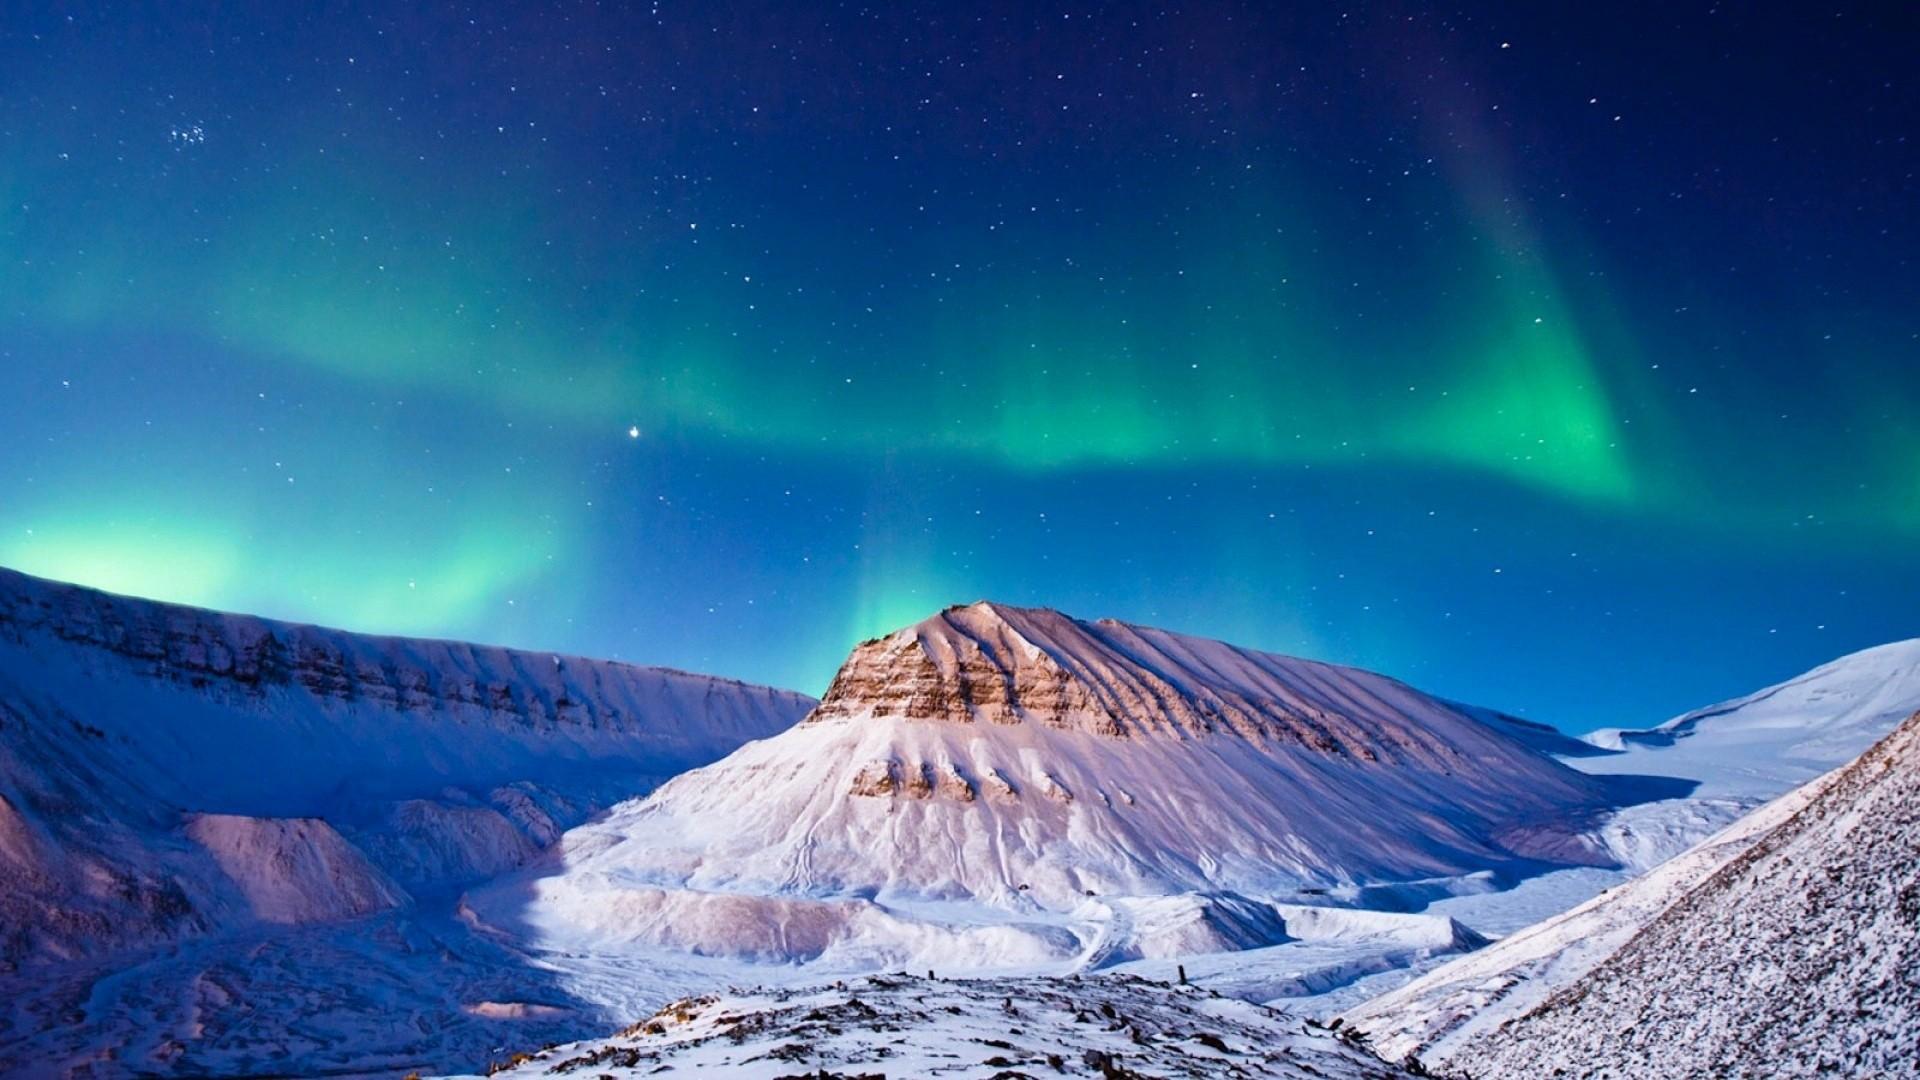 Night Sky Winter Snow Mountains